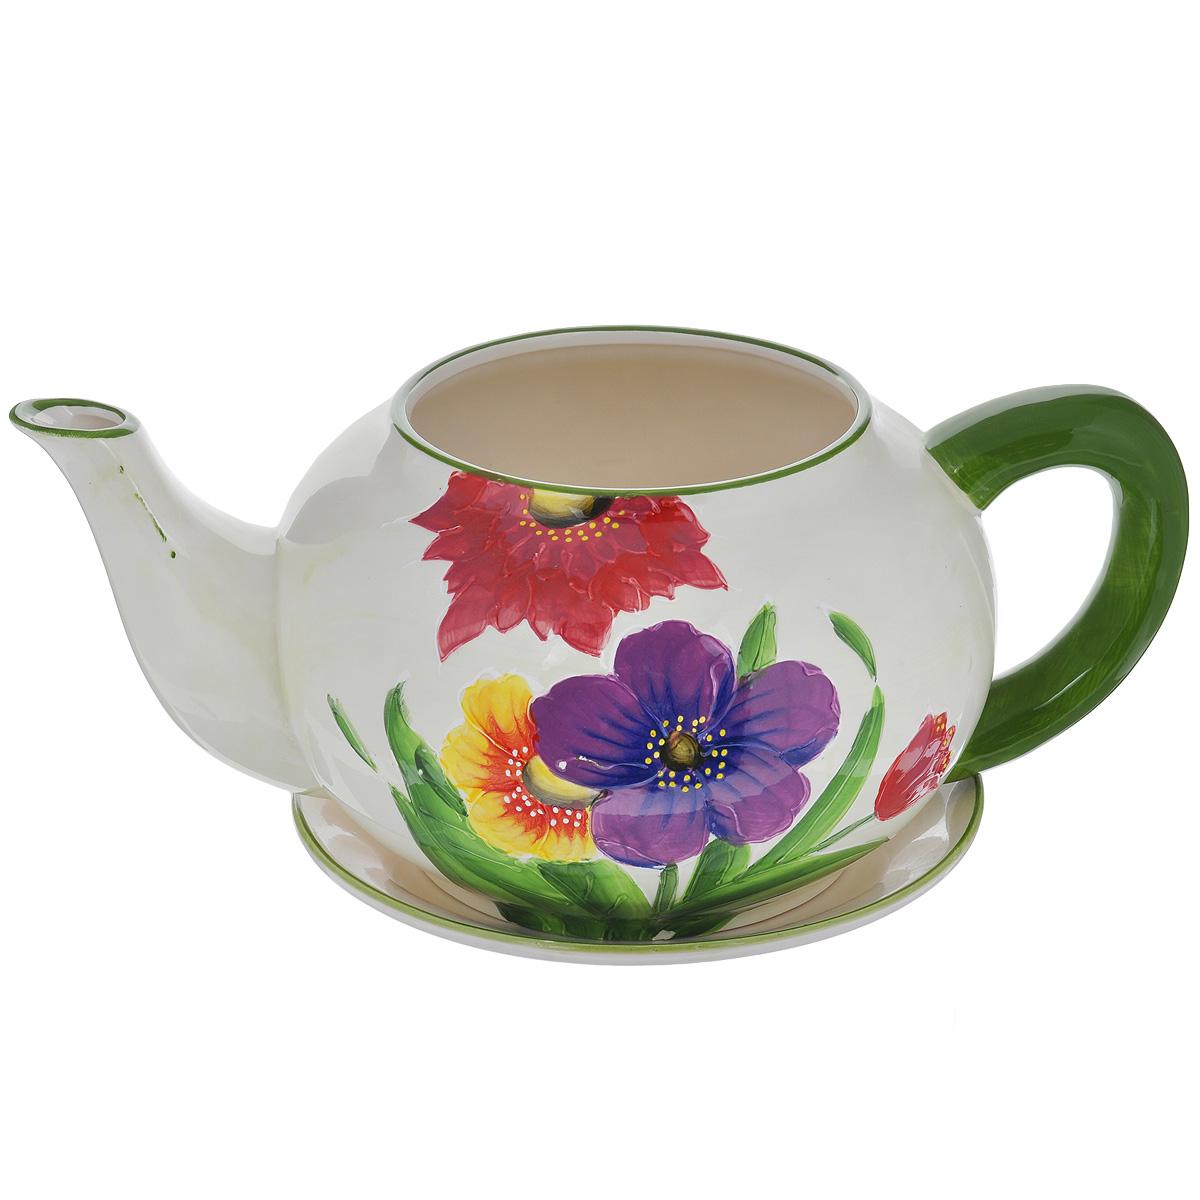 Кашпо Lillo Яркие цветы, с поддономXY10S012AКашпо-горшок для цветов Lillo Яркие цветы выполнен из прочной керамики в виде заварочного чайника с блюдцем. Изделие предназначено для цветов. Такие изделия часто становятся последним штрихом, который совершенно изменяет интерьер помещения или ландшафтный дизайн сада. Благодаря такому кашпо вы сможете украсить вашу комнату, офис, сад и другие места. Изделие оснащено специальным поддоном - блюдцем. Диаметр кашпо по верхнему краю: 14,5 см. Высота кашпо (без учета поддона): 16 см. Диаметр поддона: 23 см.